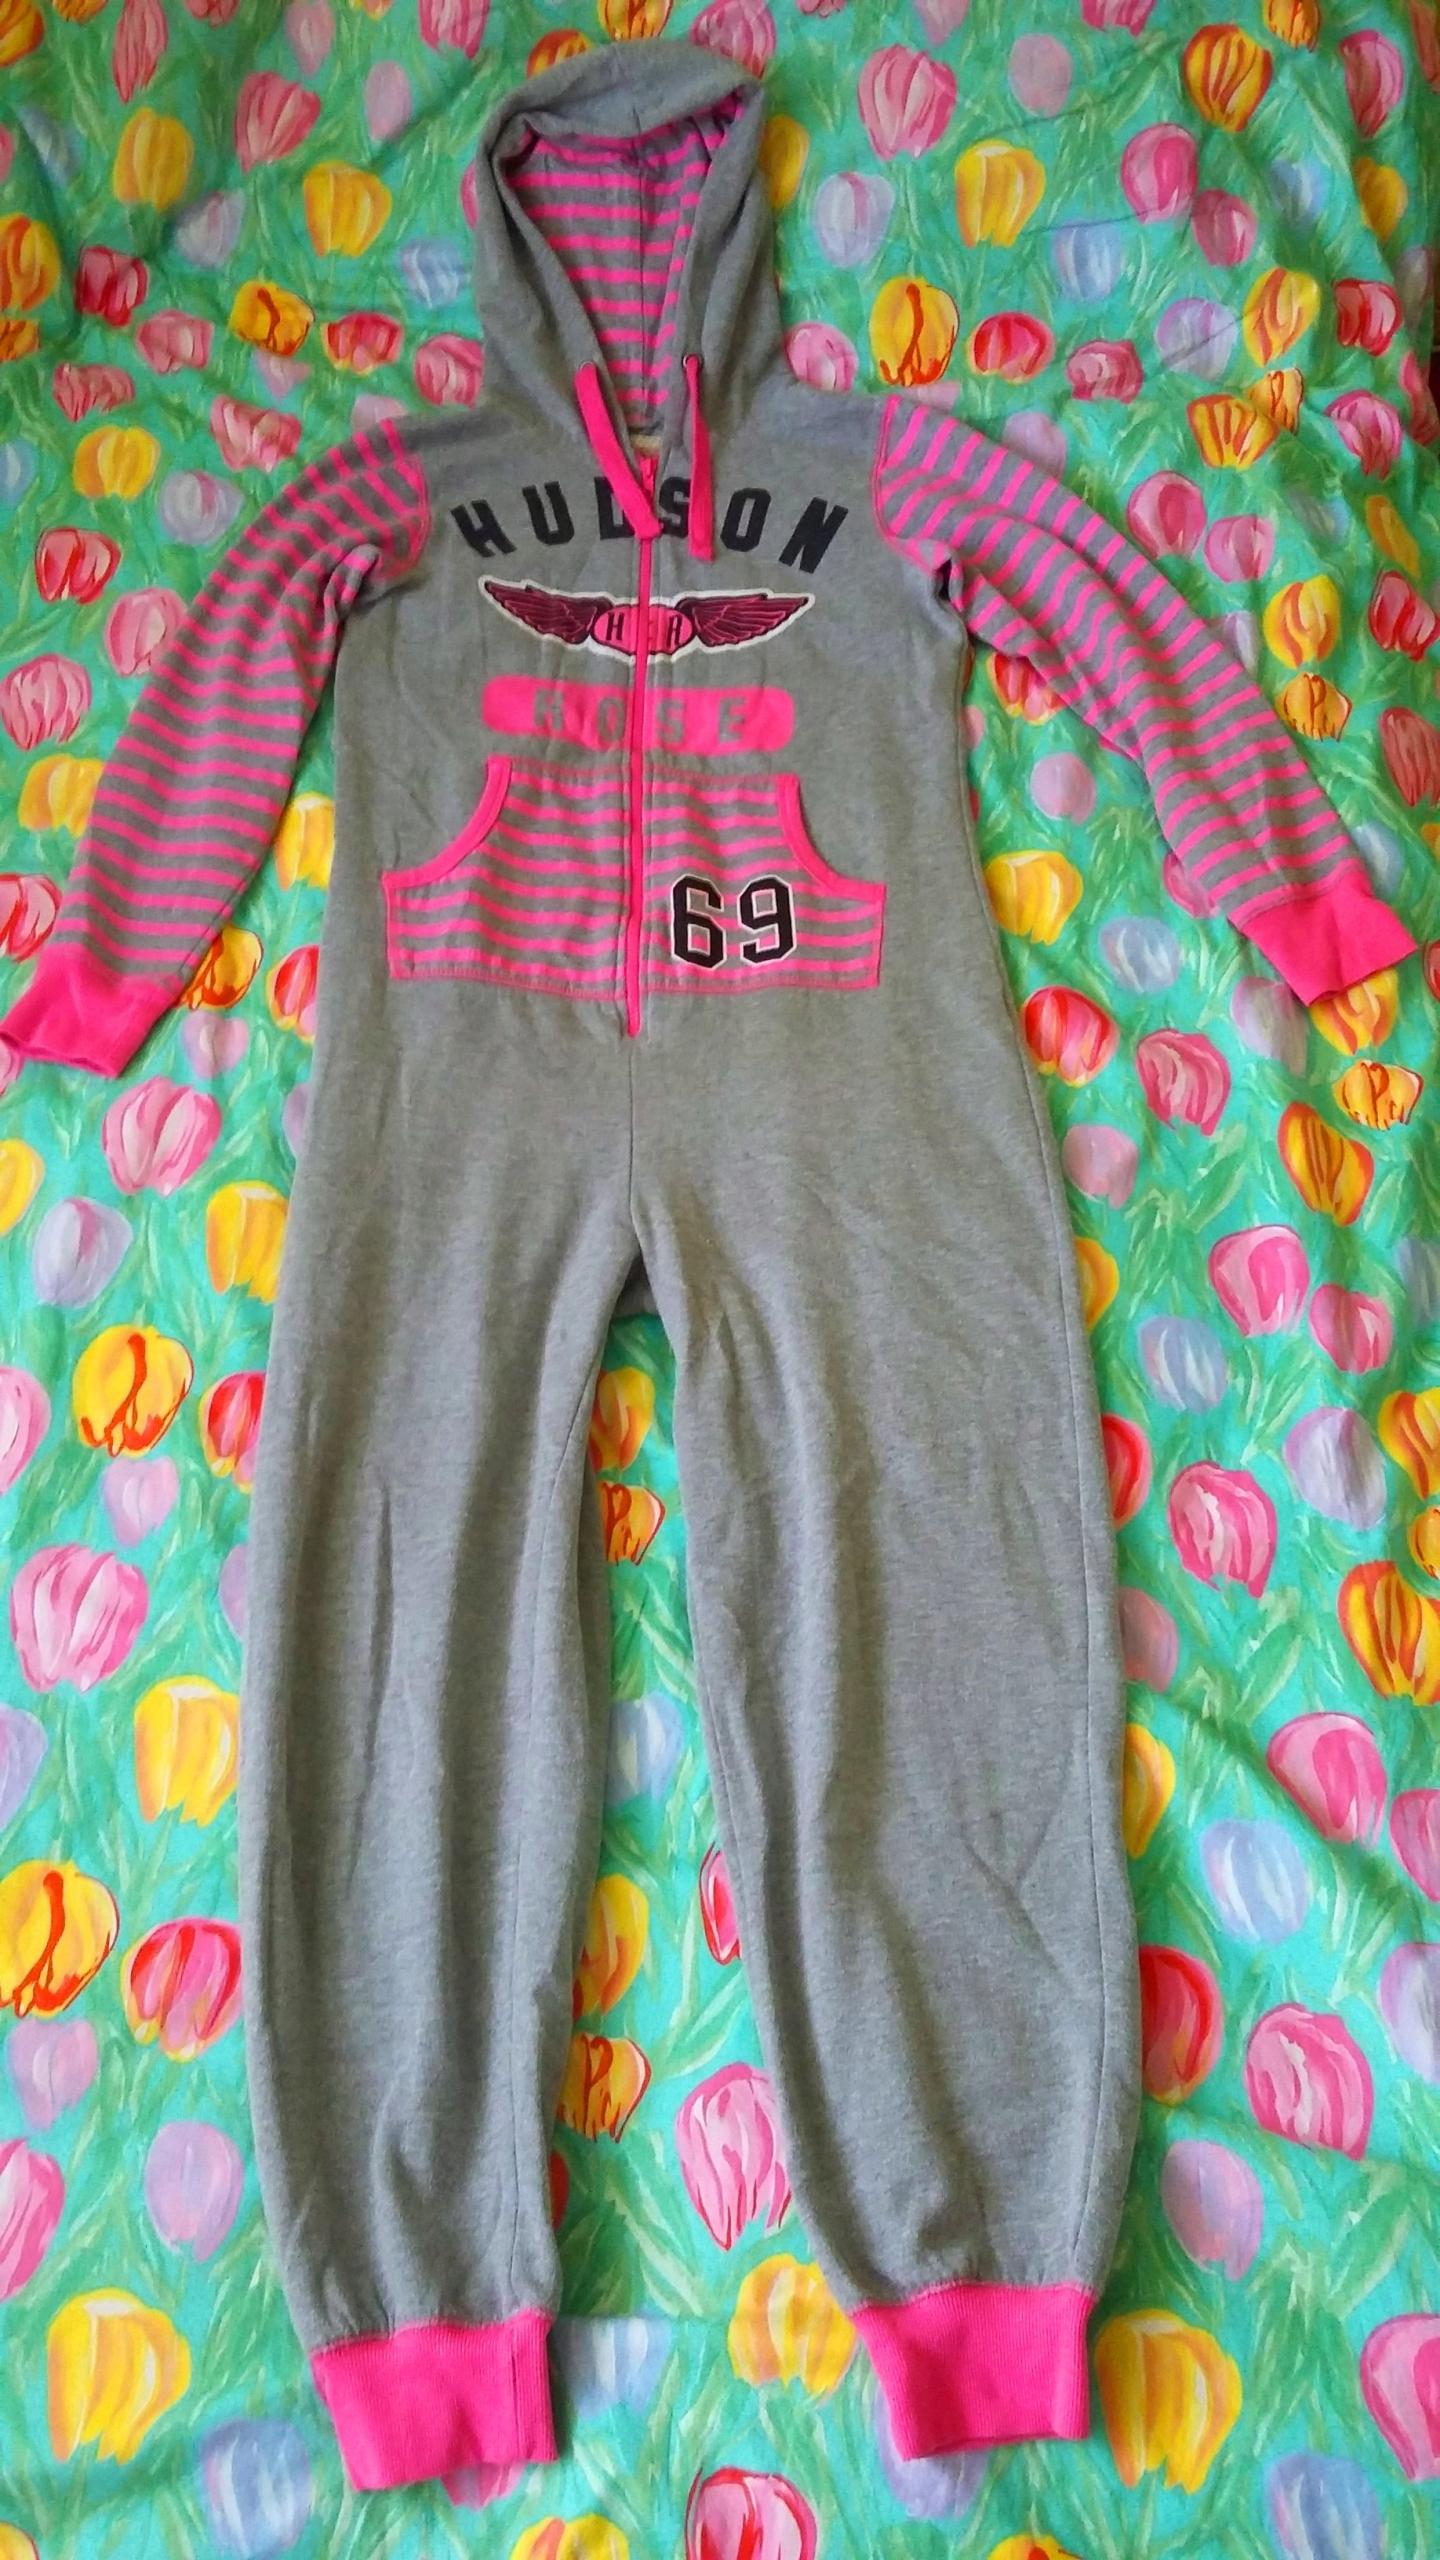 NEW LOOK śpioch pajac piżama dresowa r 36 S